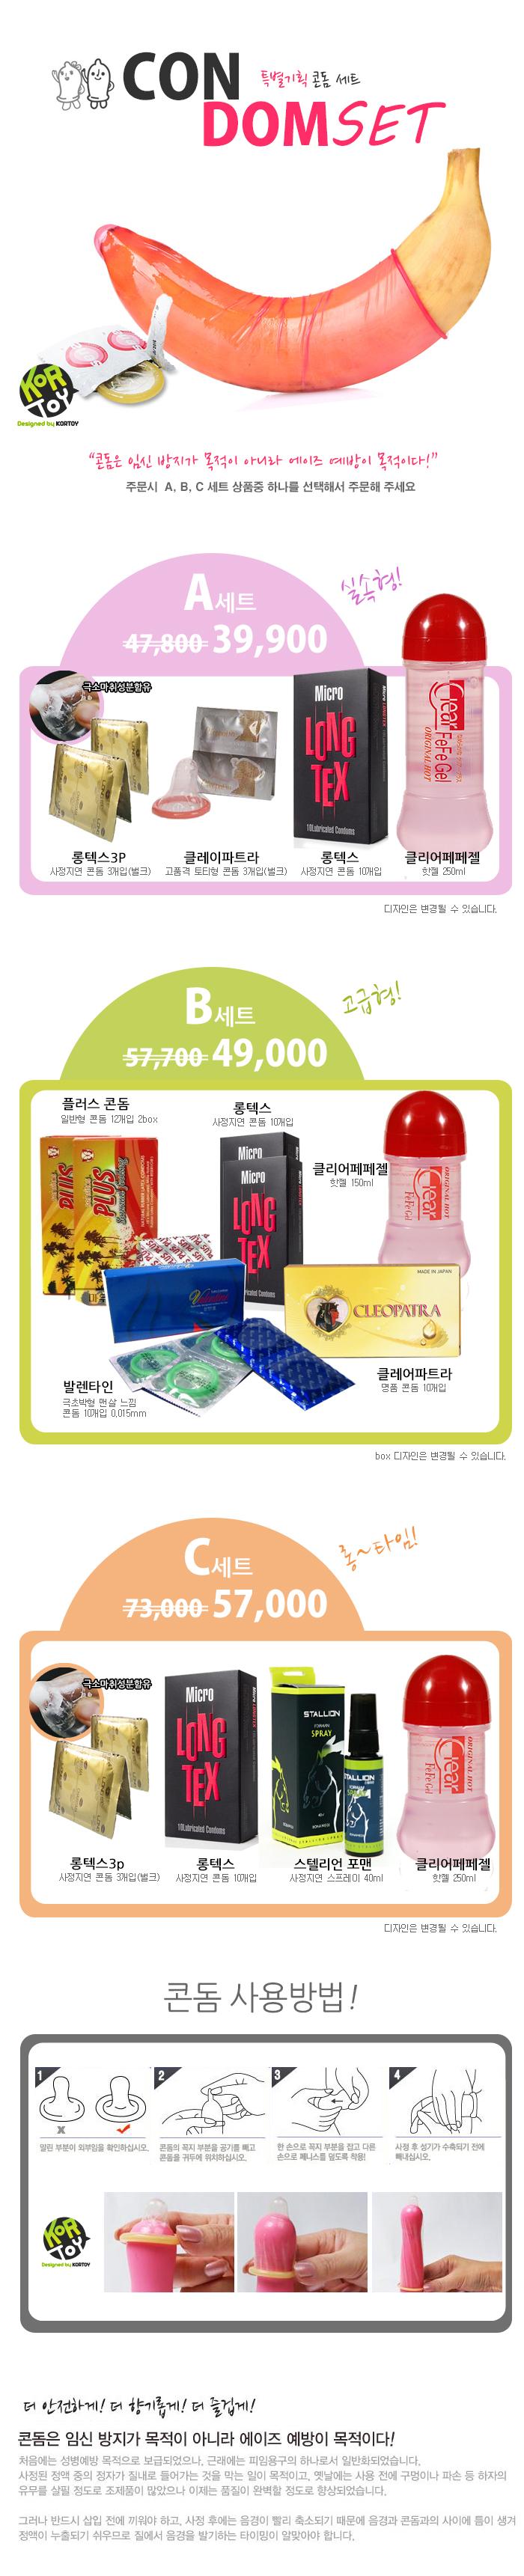 콘돔 세트상품 성인용품